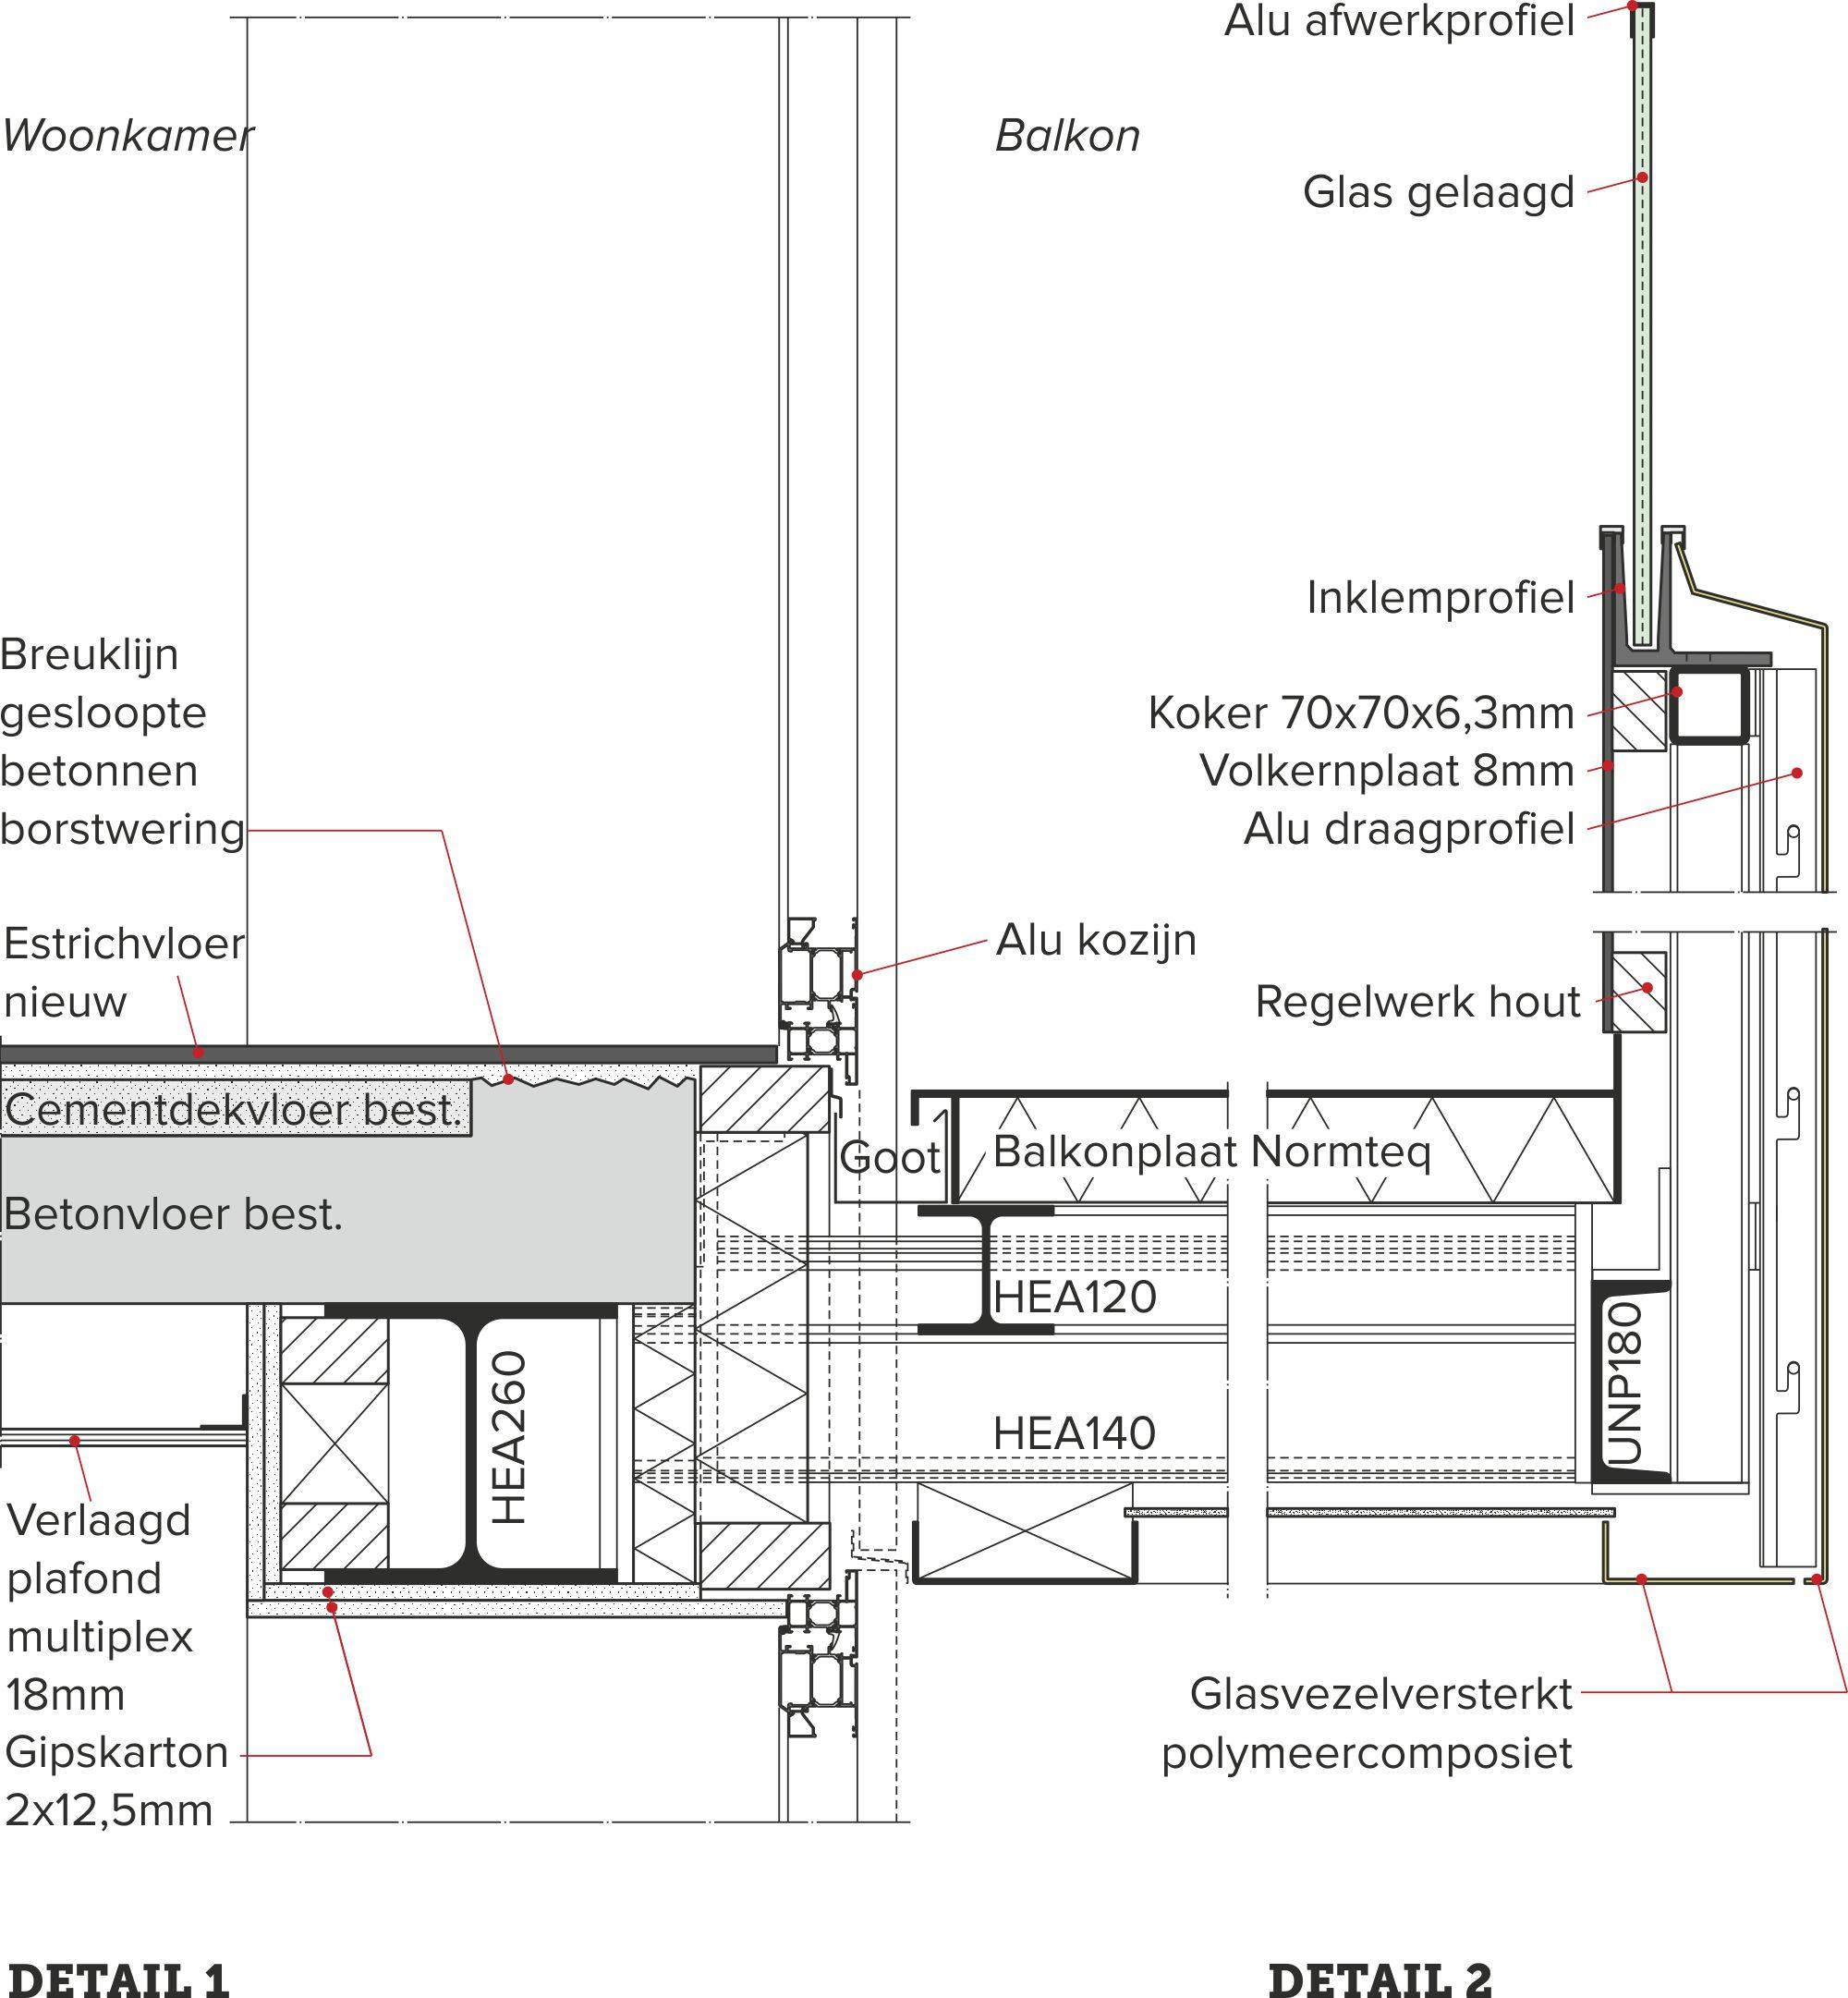 Aansluiting nieuwe balkons